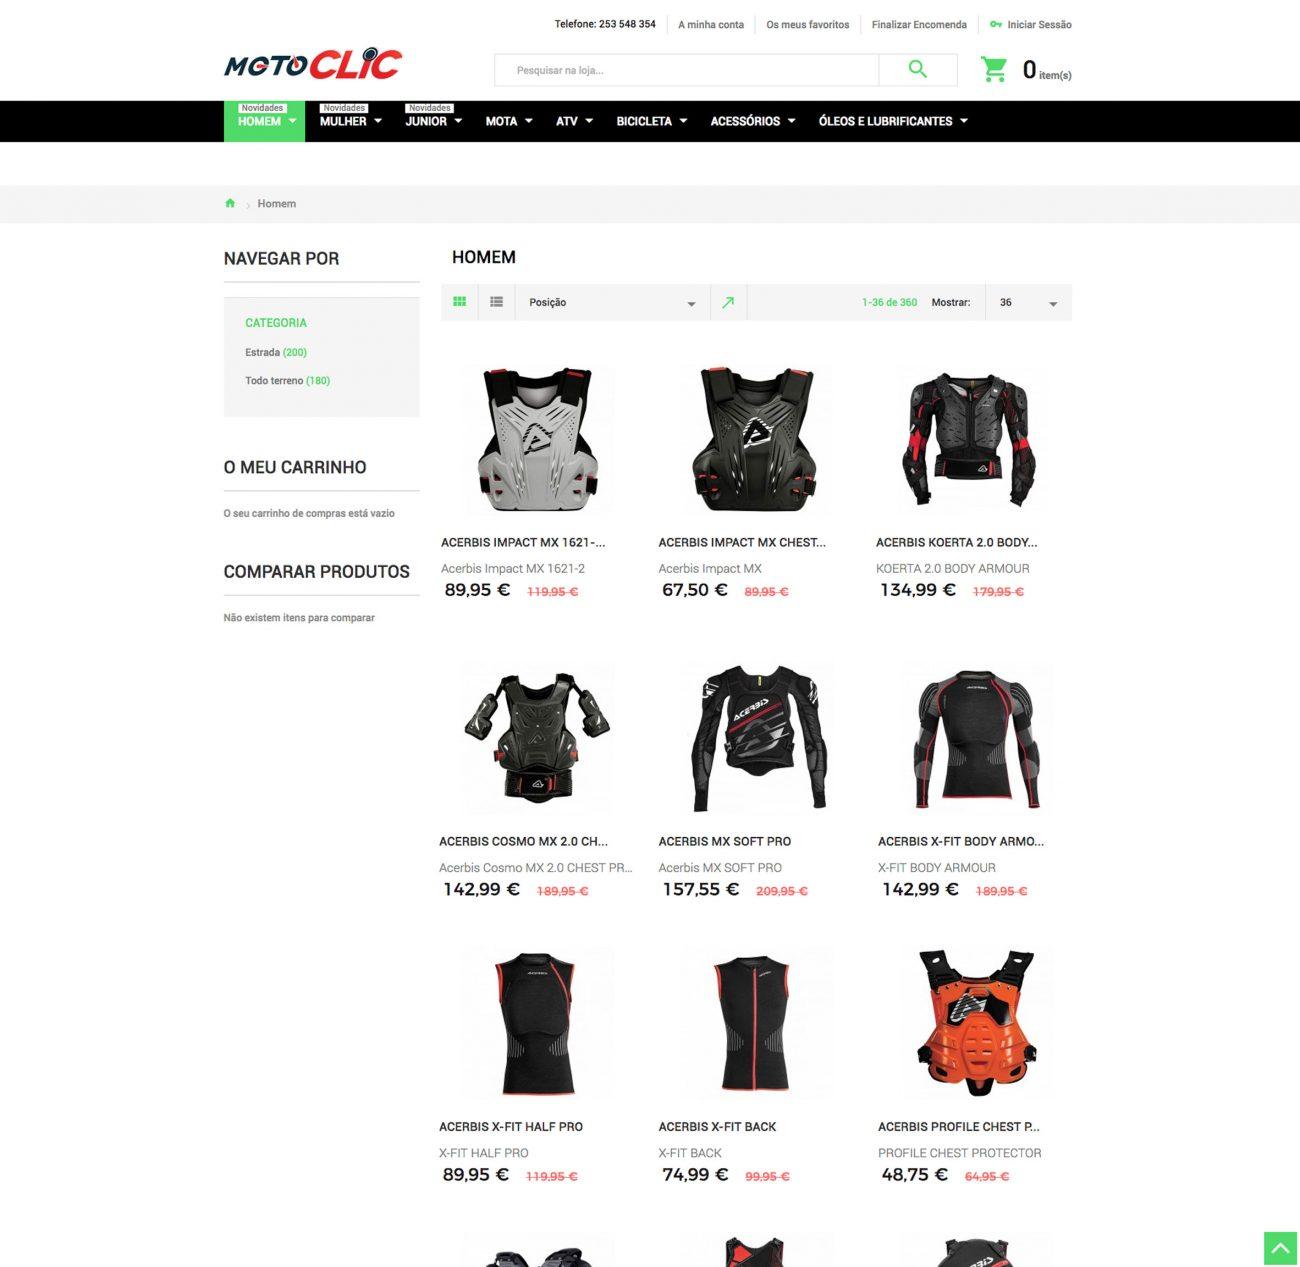 Especialistas em sites de motas e acessórios com vendas online